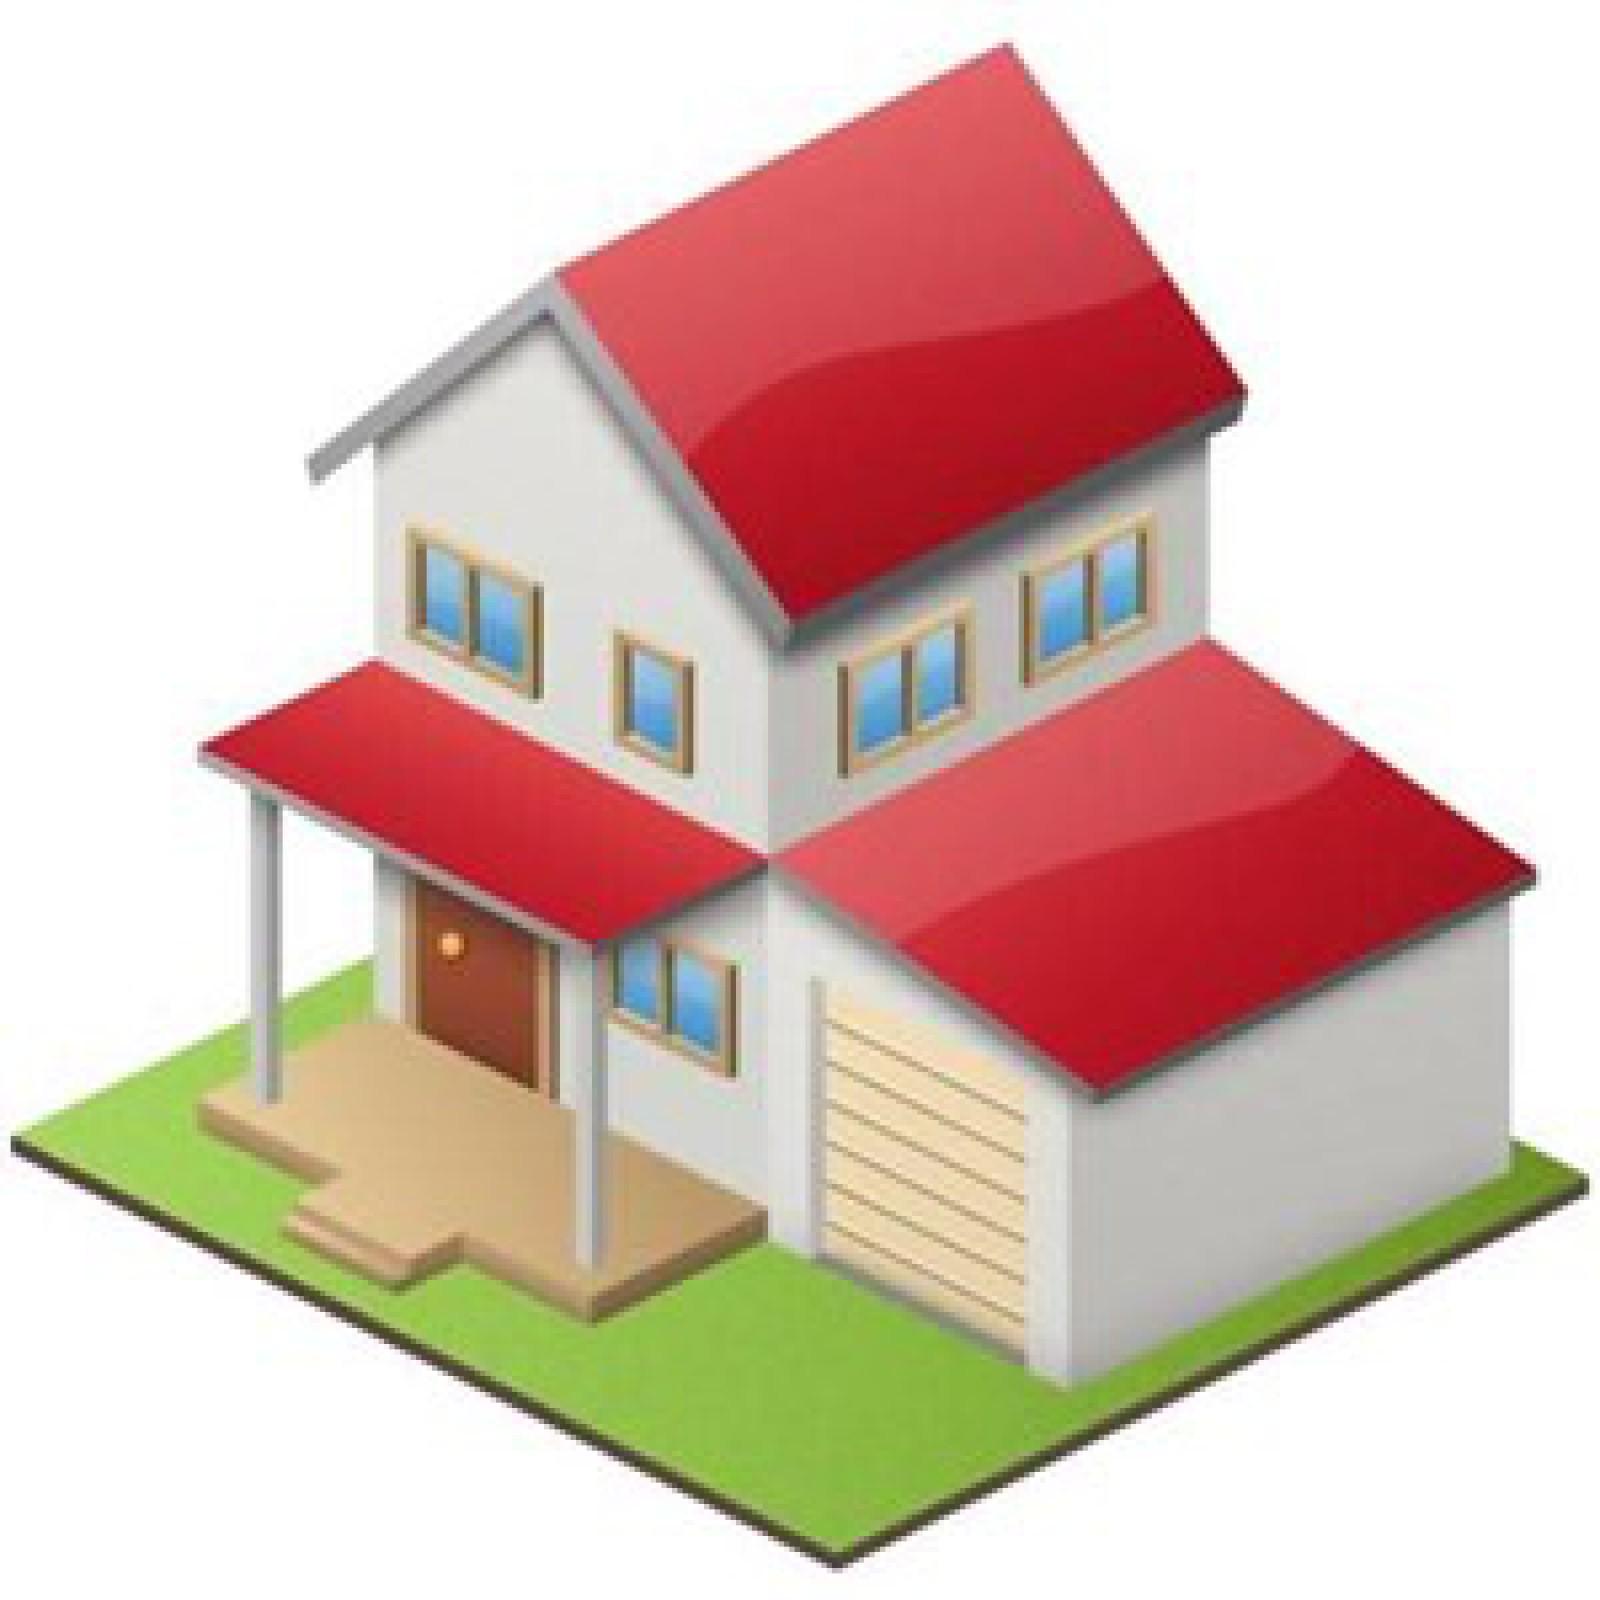 Separazione personale: assegnazione della casa quando è alloggio popolare